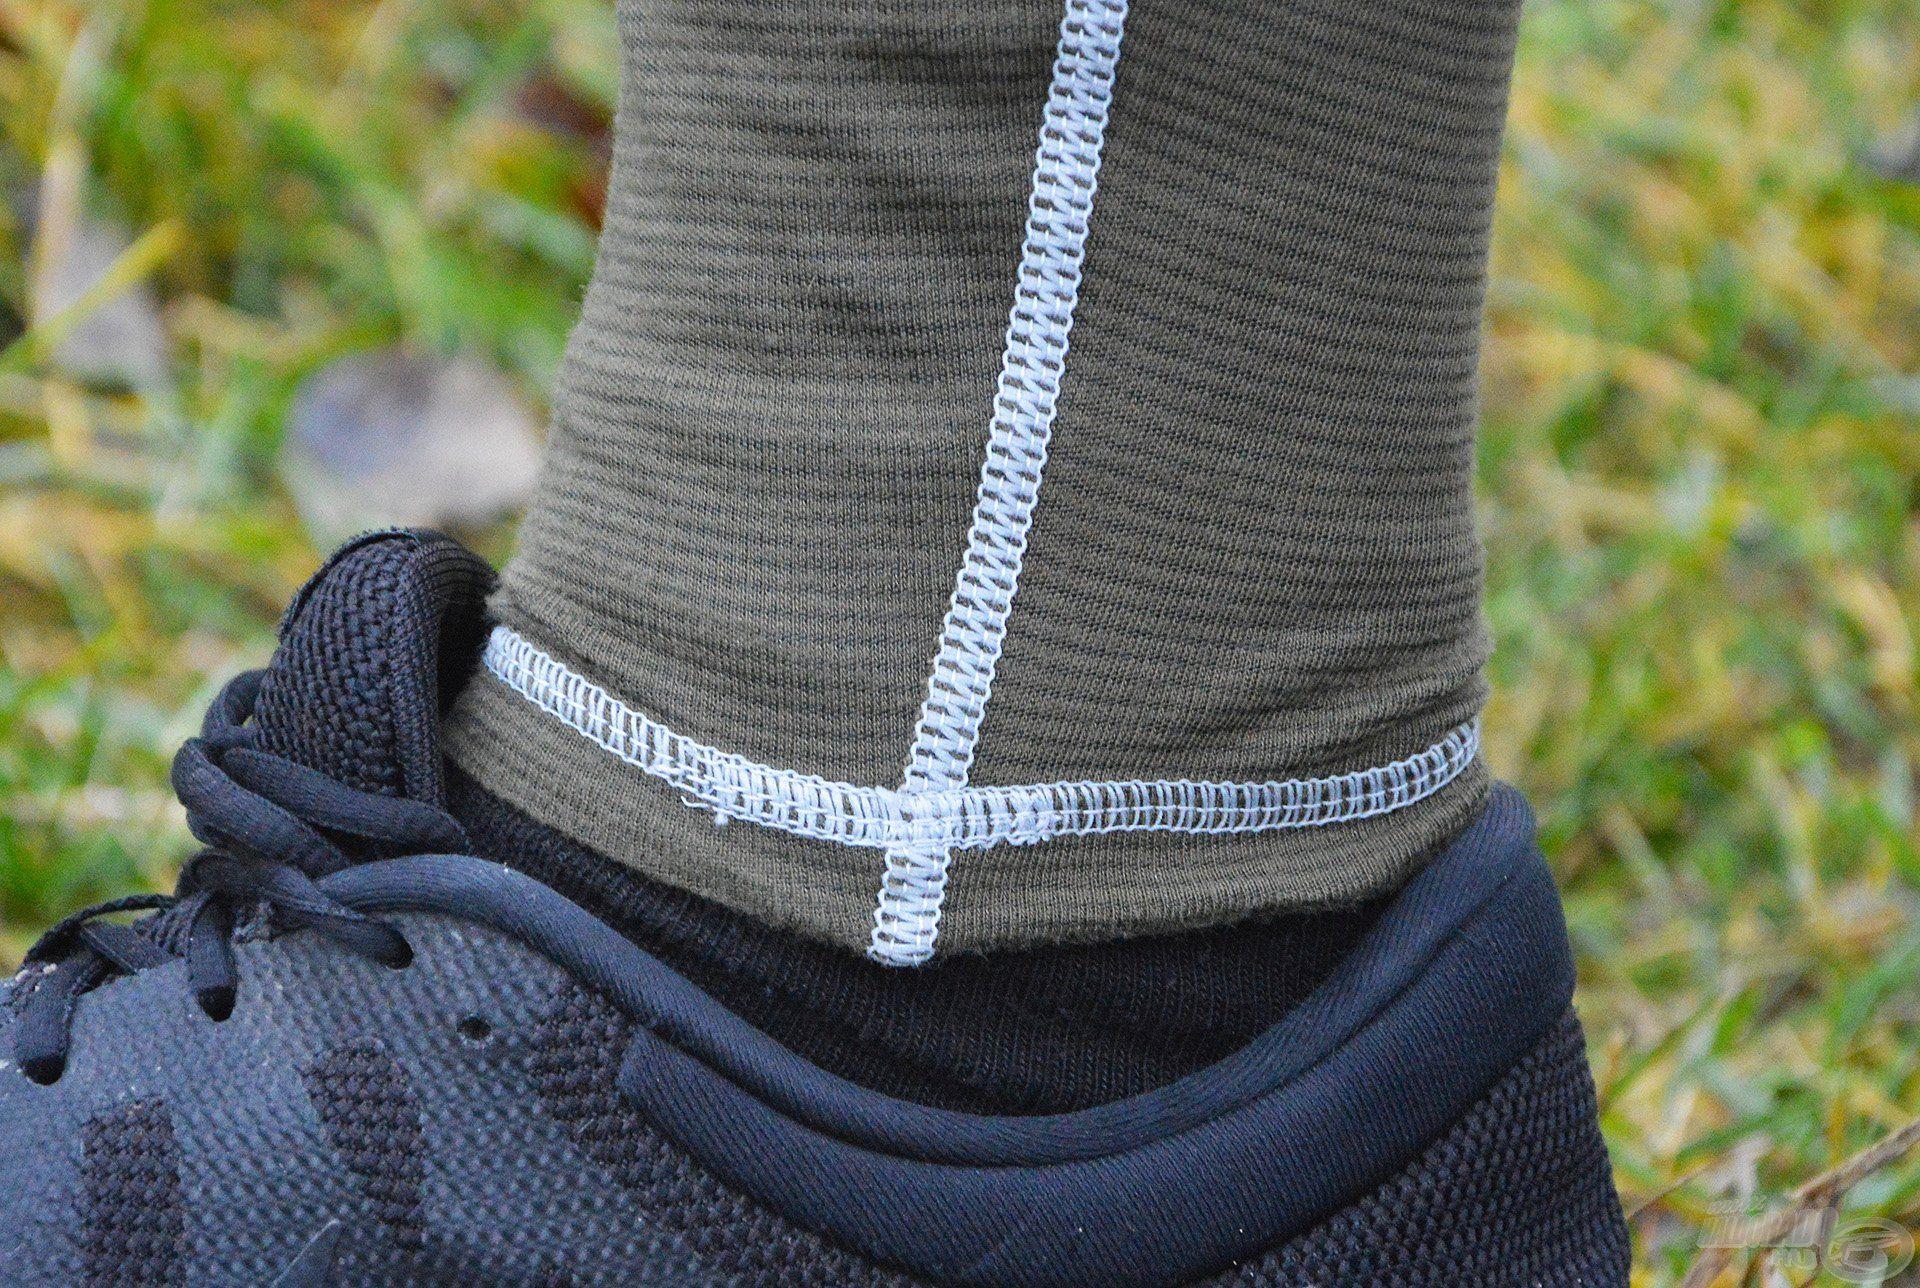 Az alsó hossza is tökéletes, pontosan addig ér, ameddig kell, illetve eléggé passzentos, így meggátolja, hogy a hideg szellő befújjon a bokánkhoz!